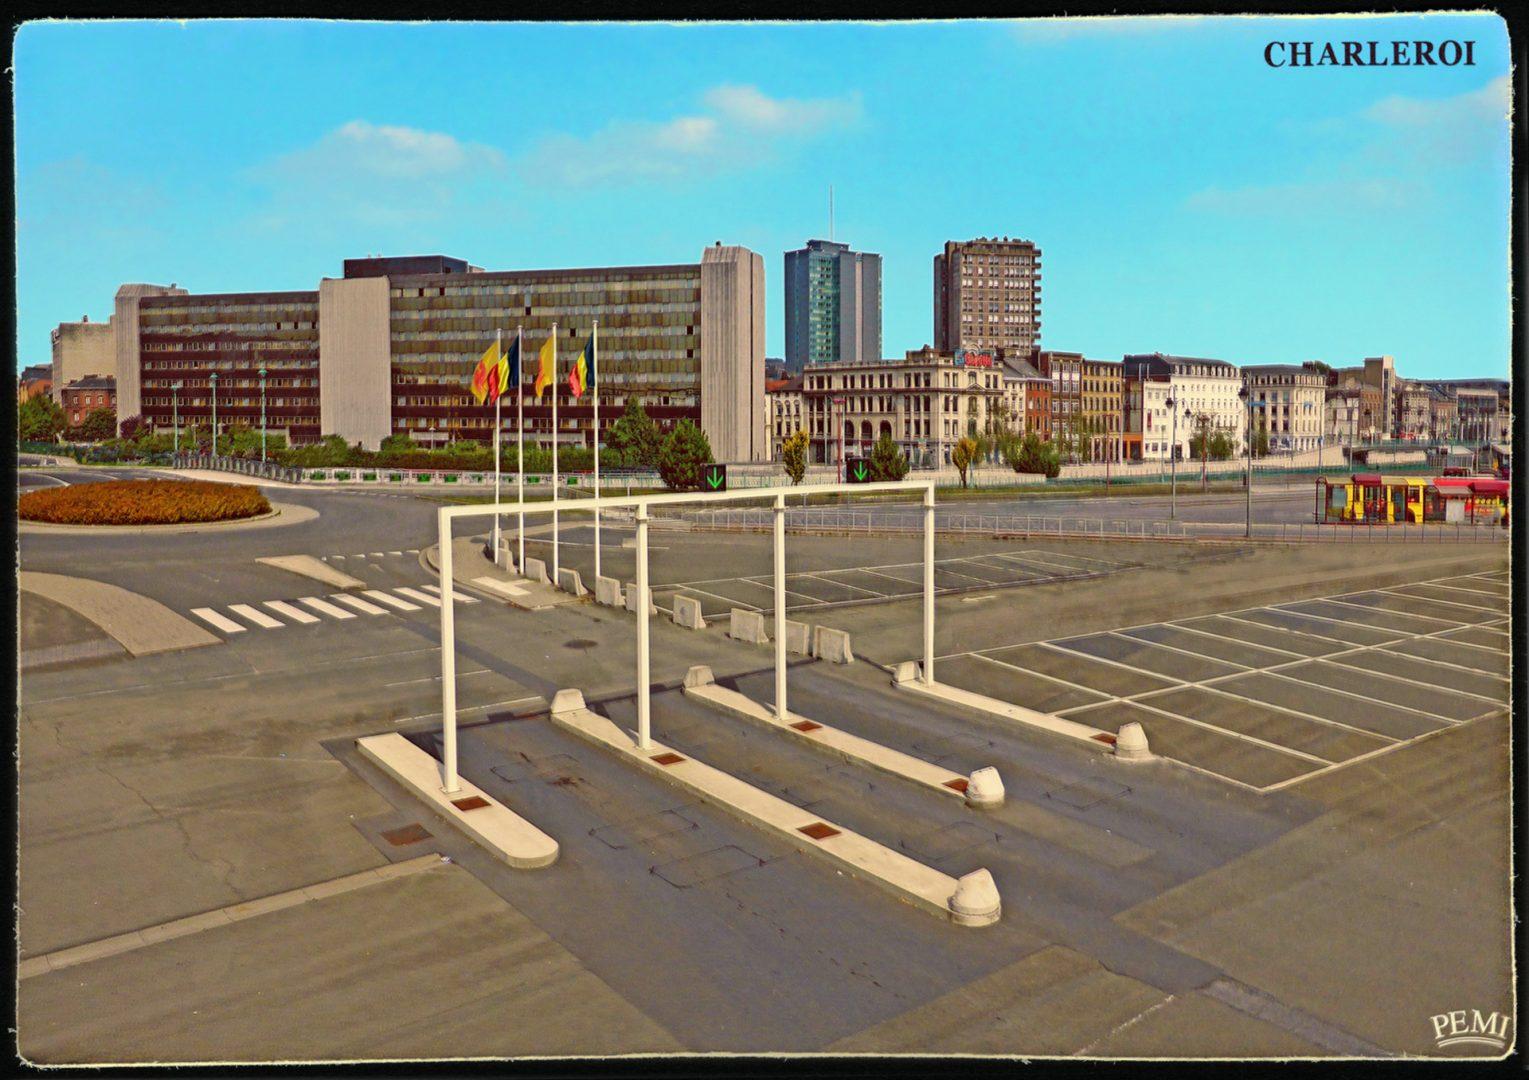 Charleroi004-1529x1080.jpg